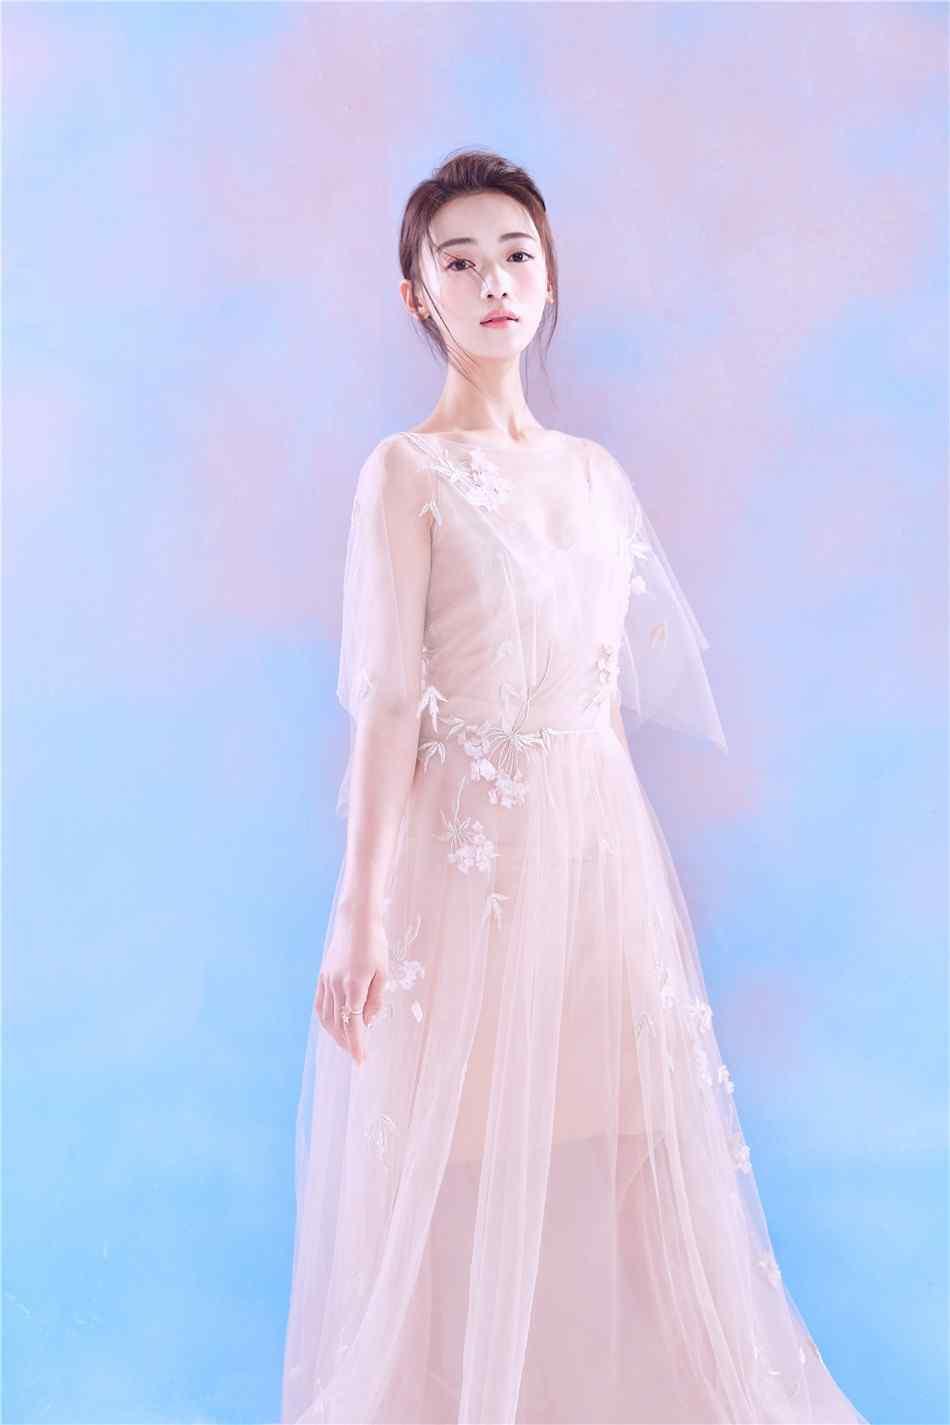 吴谨言时尚唯美仙女写真图片